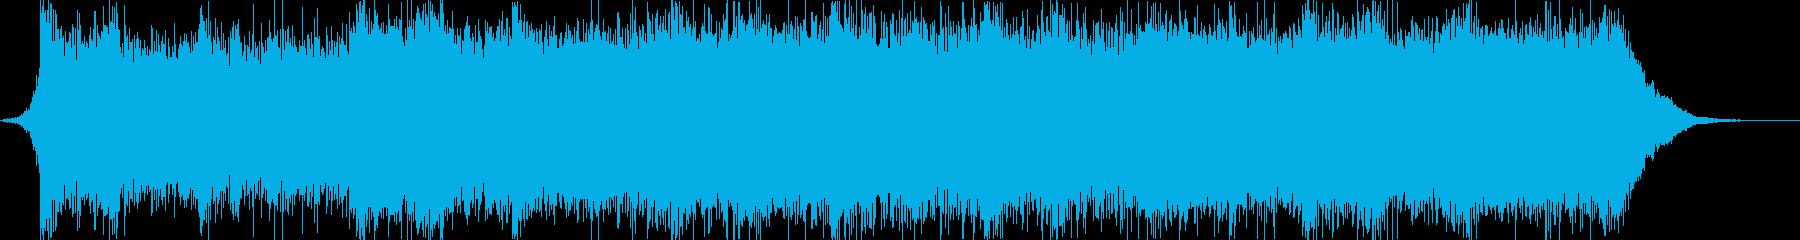 重厚なオーケストラによる緊迫シーンの再生済みの波形